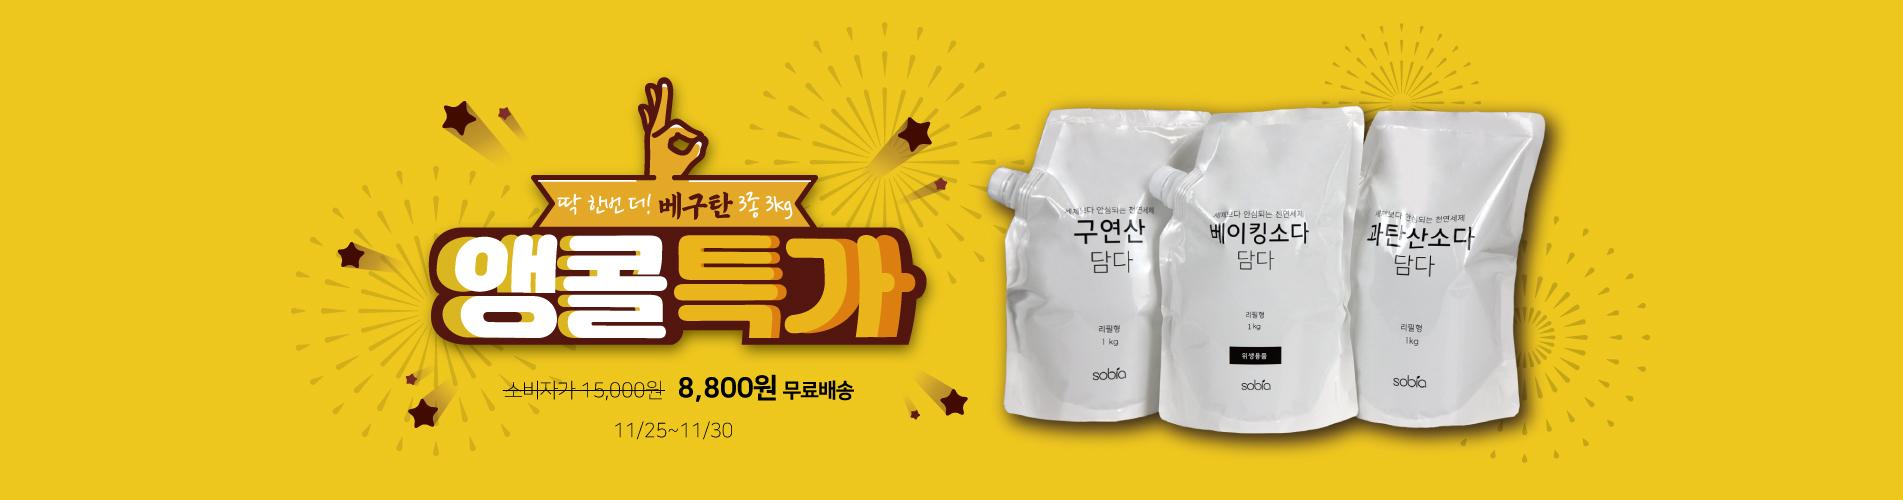 메인배너1-앵콜특가 베구탄 3종 3KG 8,900원 무료배송(11/25~11/30)